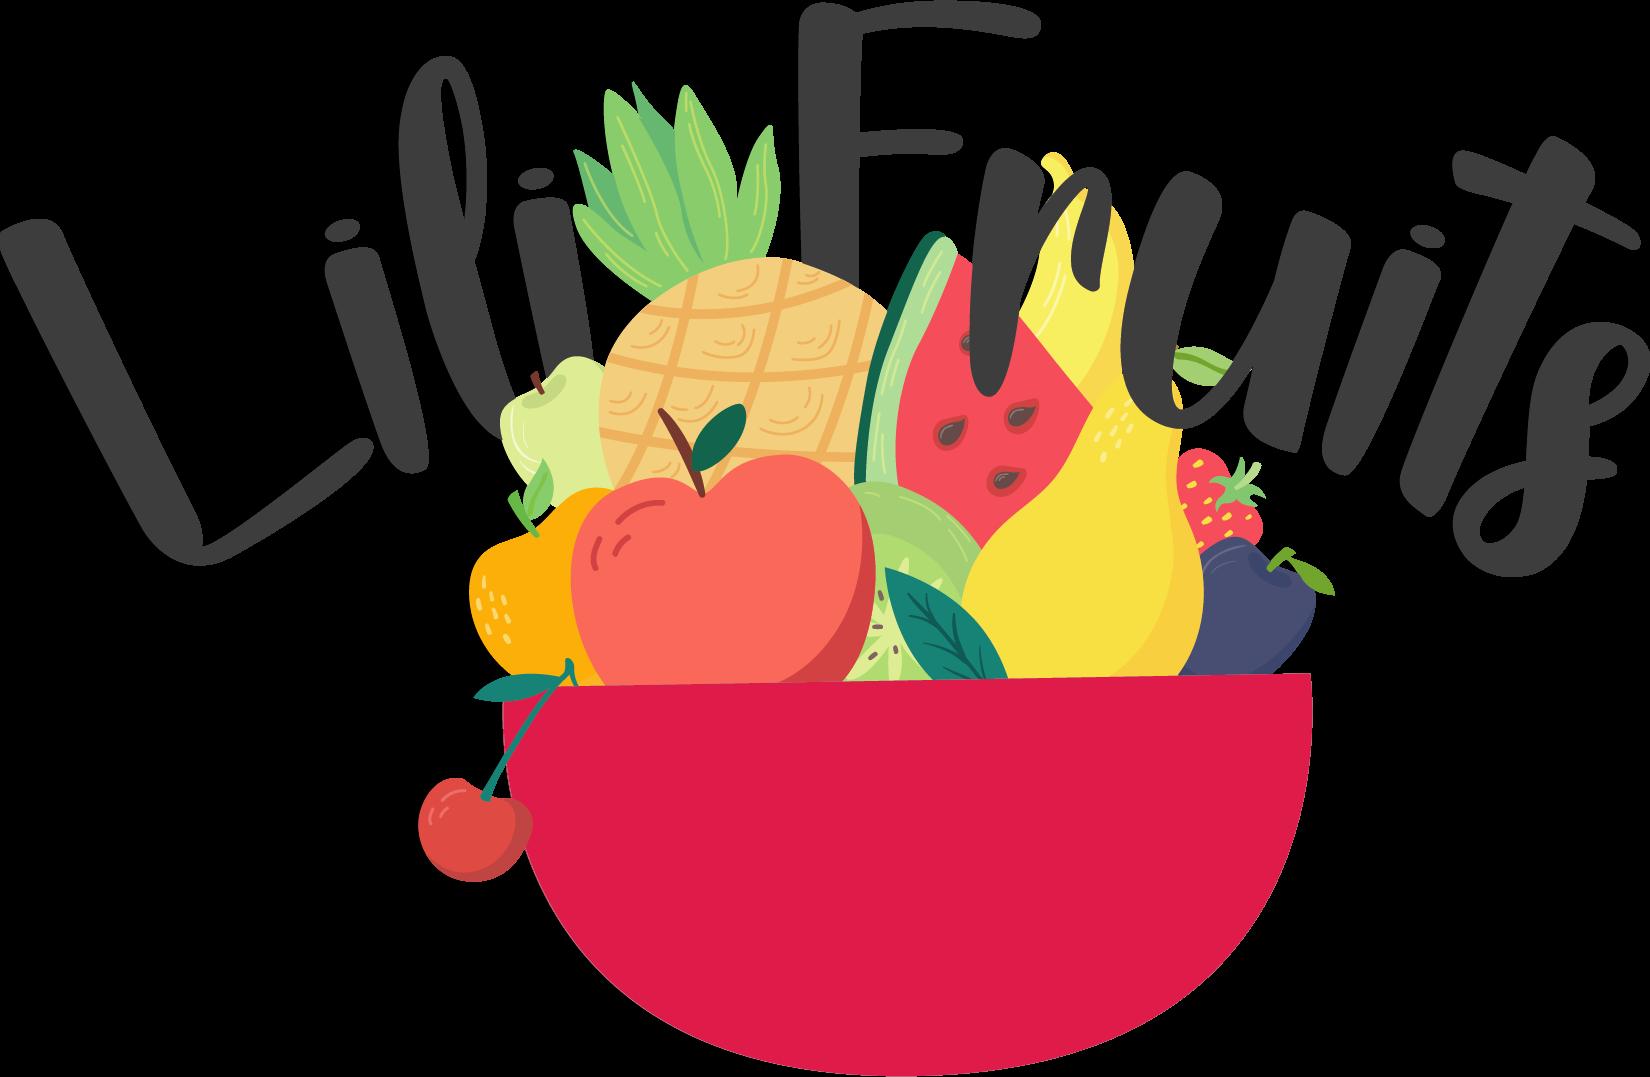 Lili Fruits